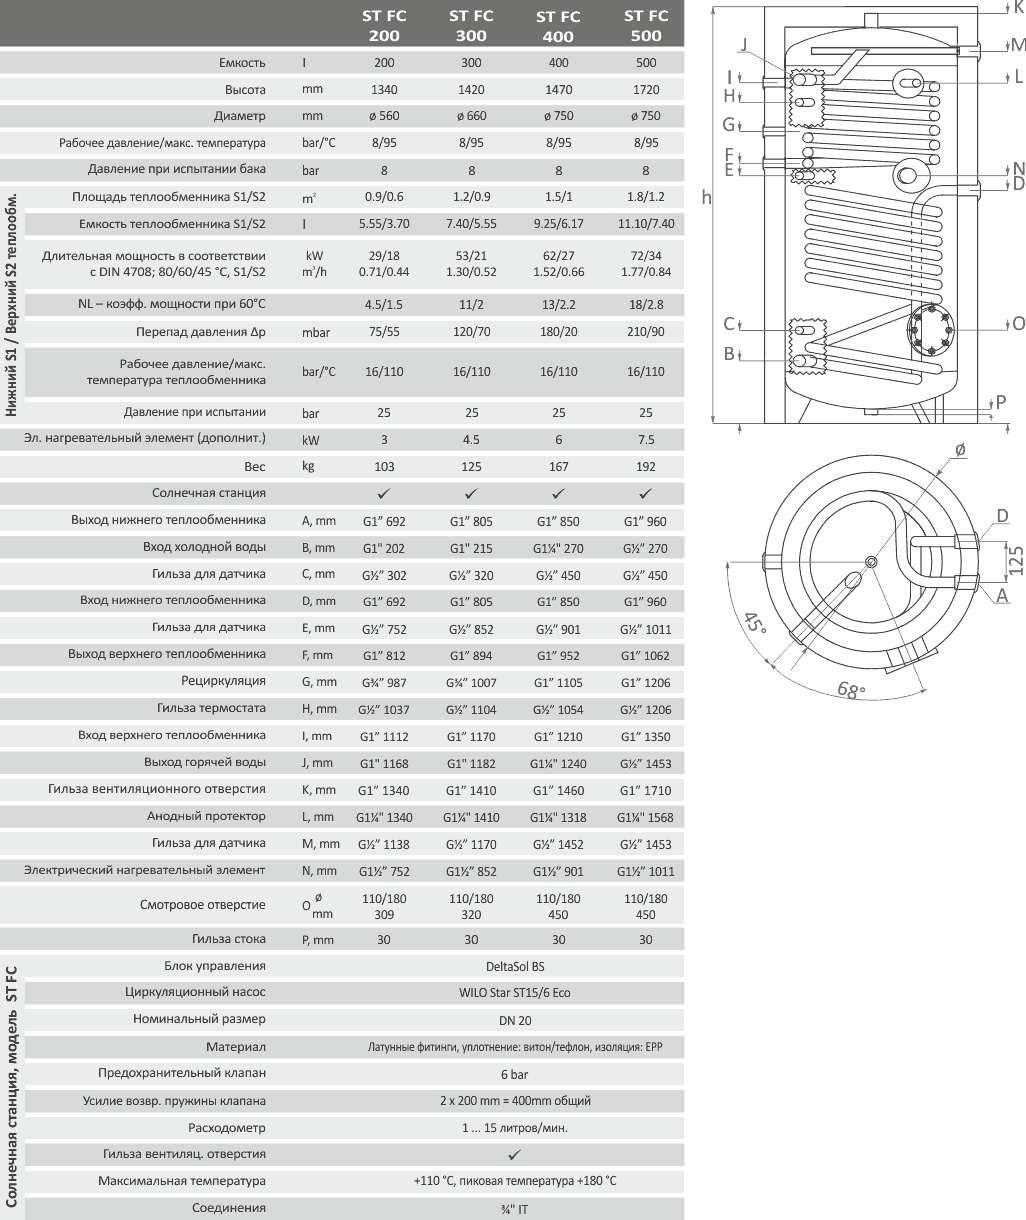 Технические параметры бойлера SUNSYSTEM ST